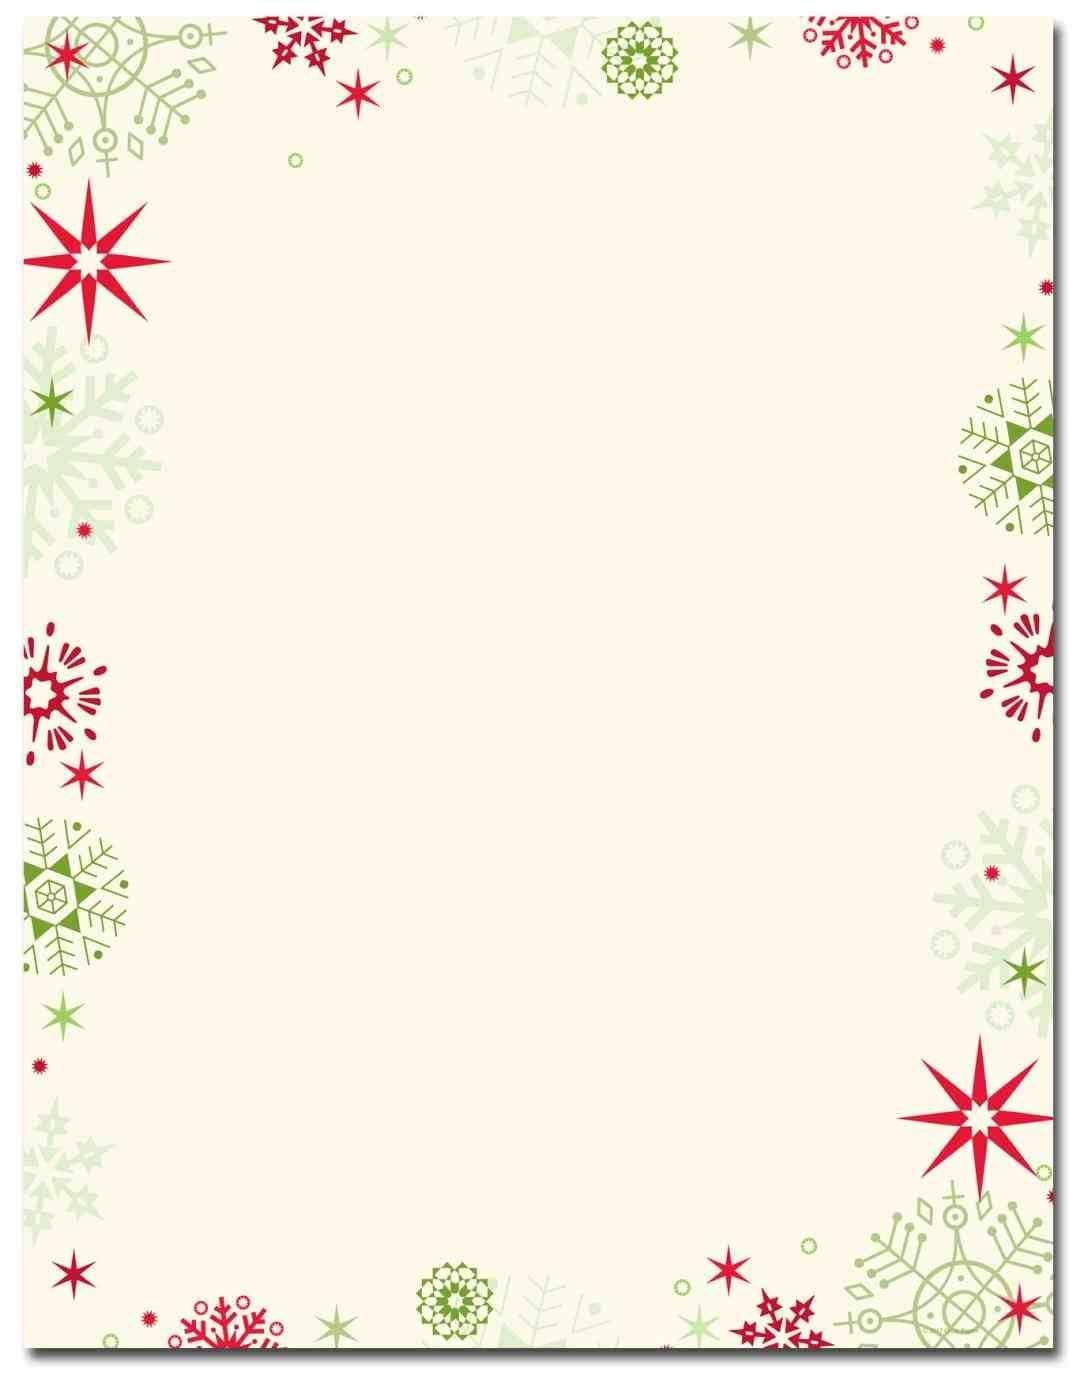 New Free Printable Christmas Stationary Borders At Temasistemi - Free Printable Christmas Letterhead